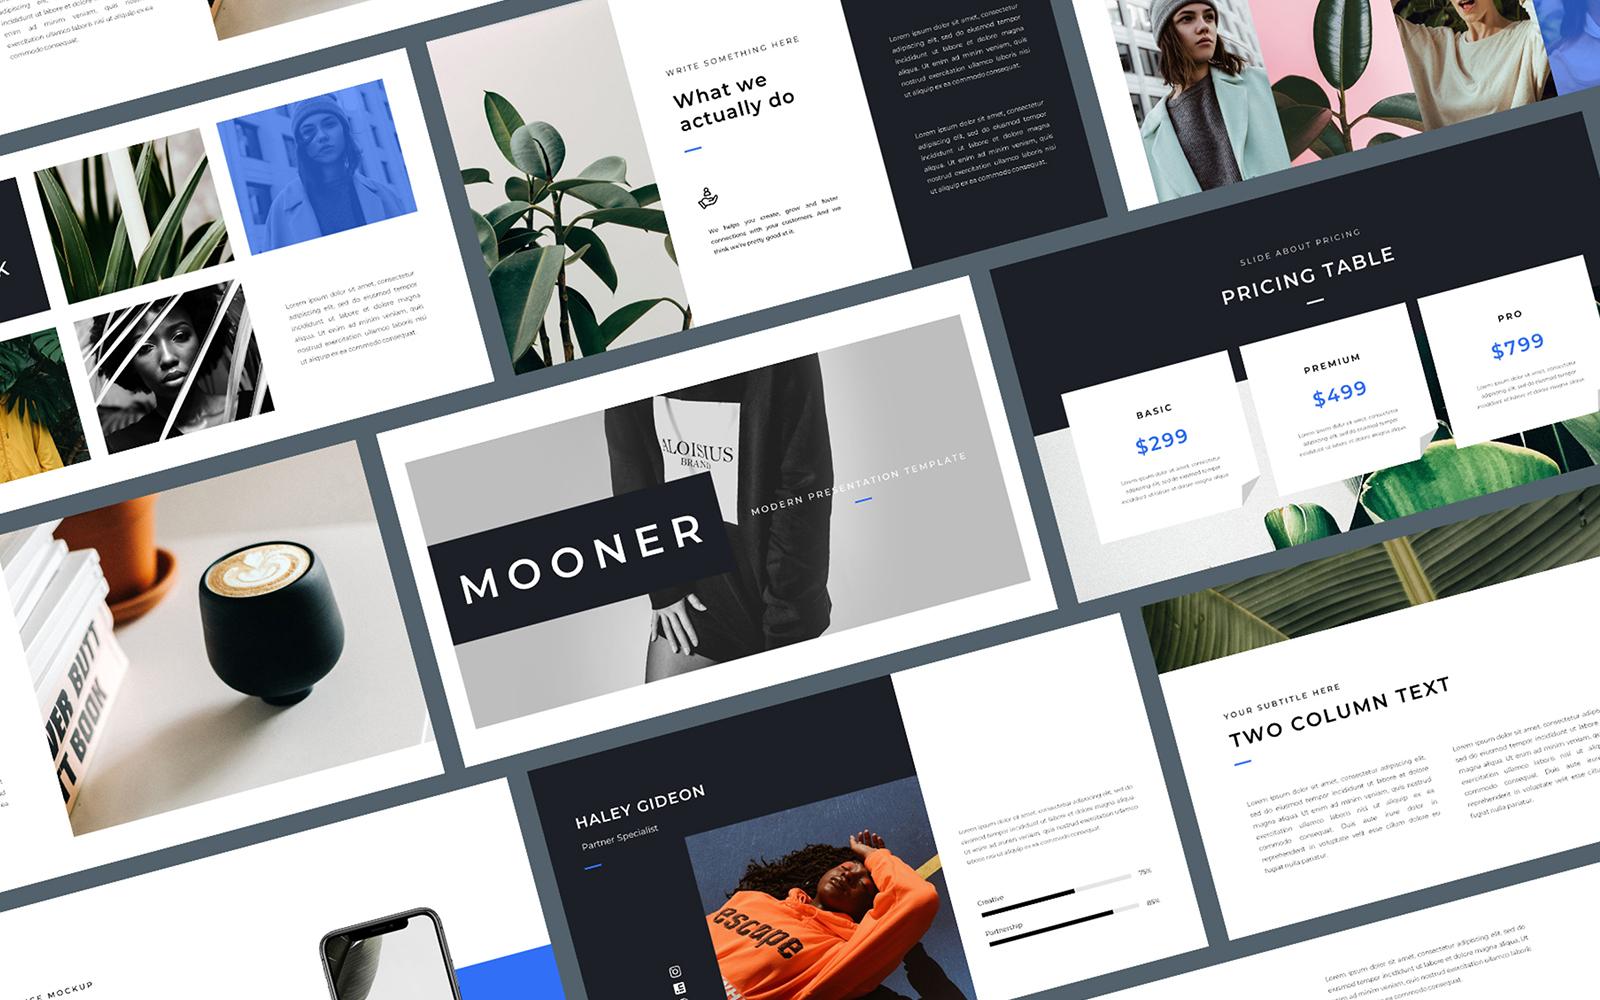 Mooner PowerPoint Template